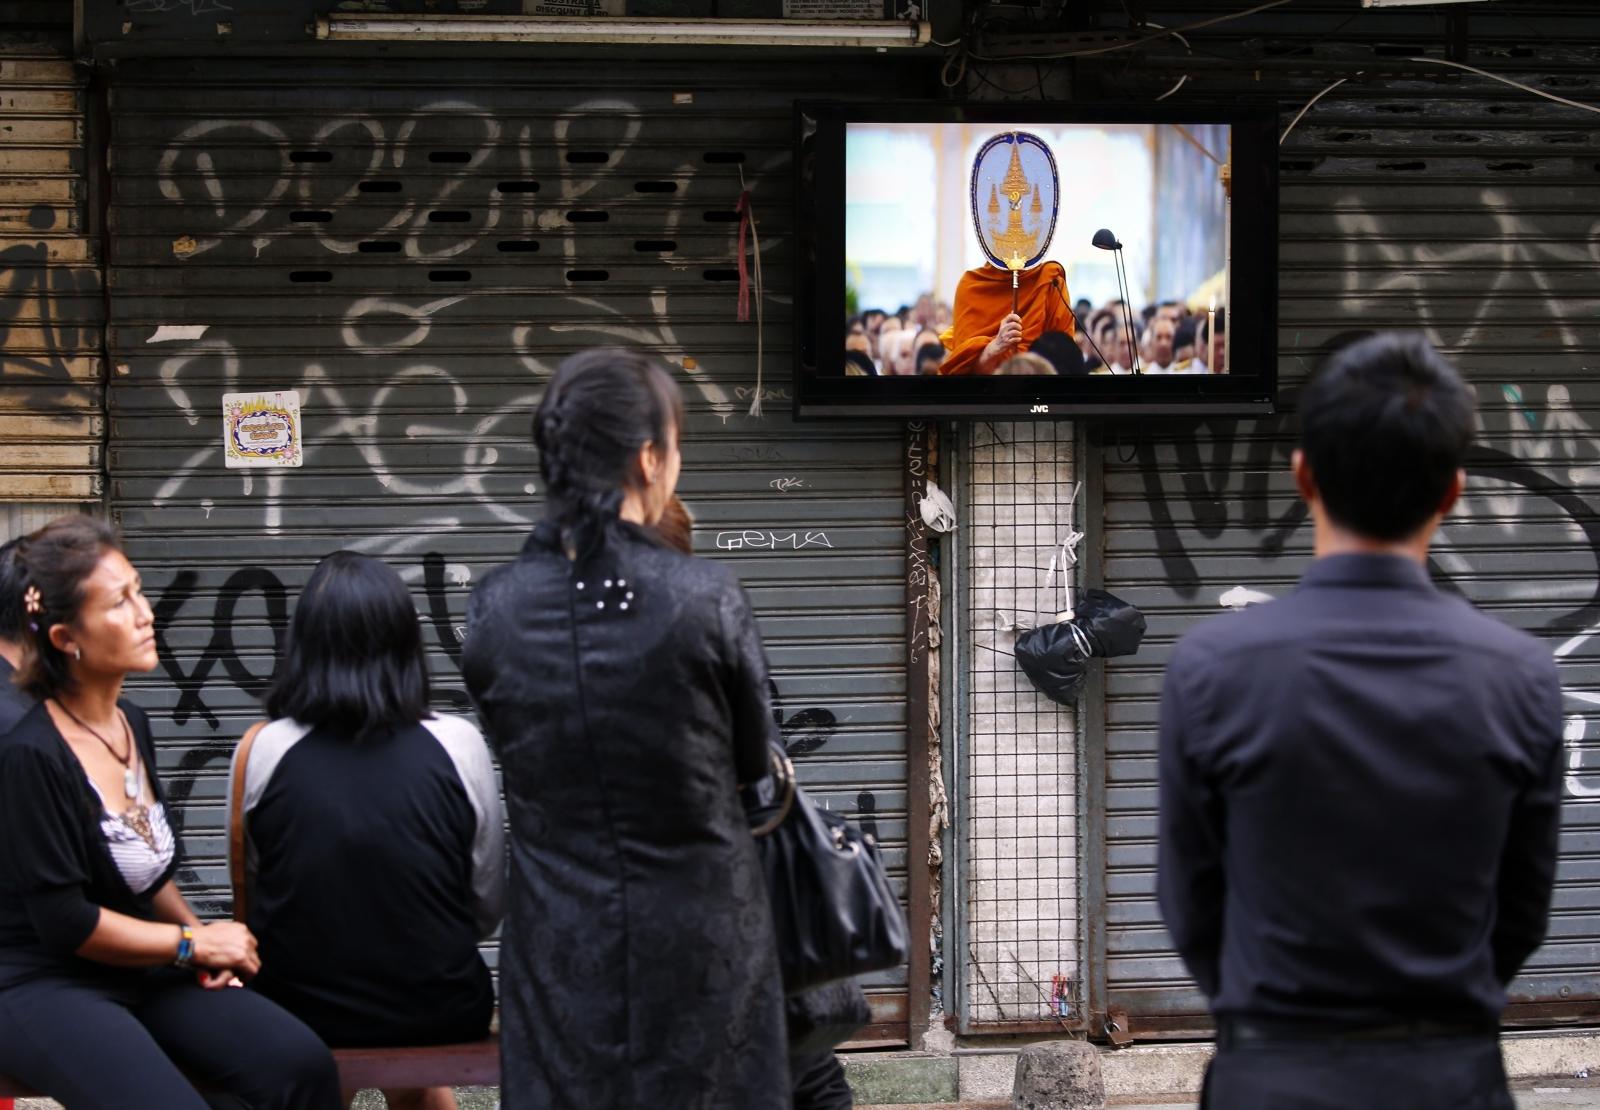 Ceremonia pogrzebowa Thai King Bhumibol Adulyadej - króla Tajlandii